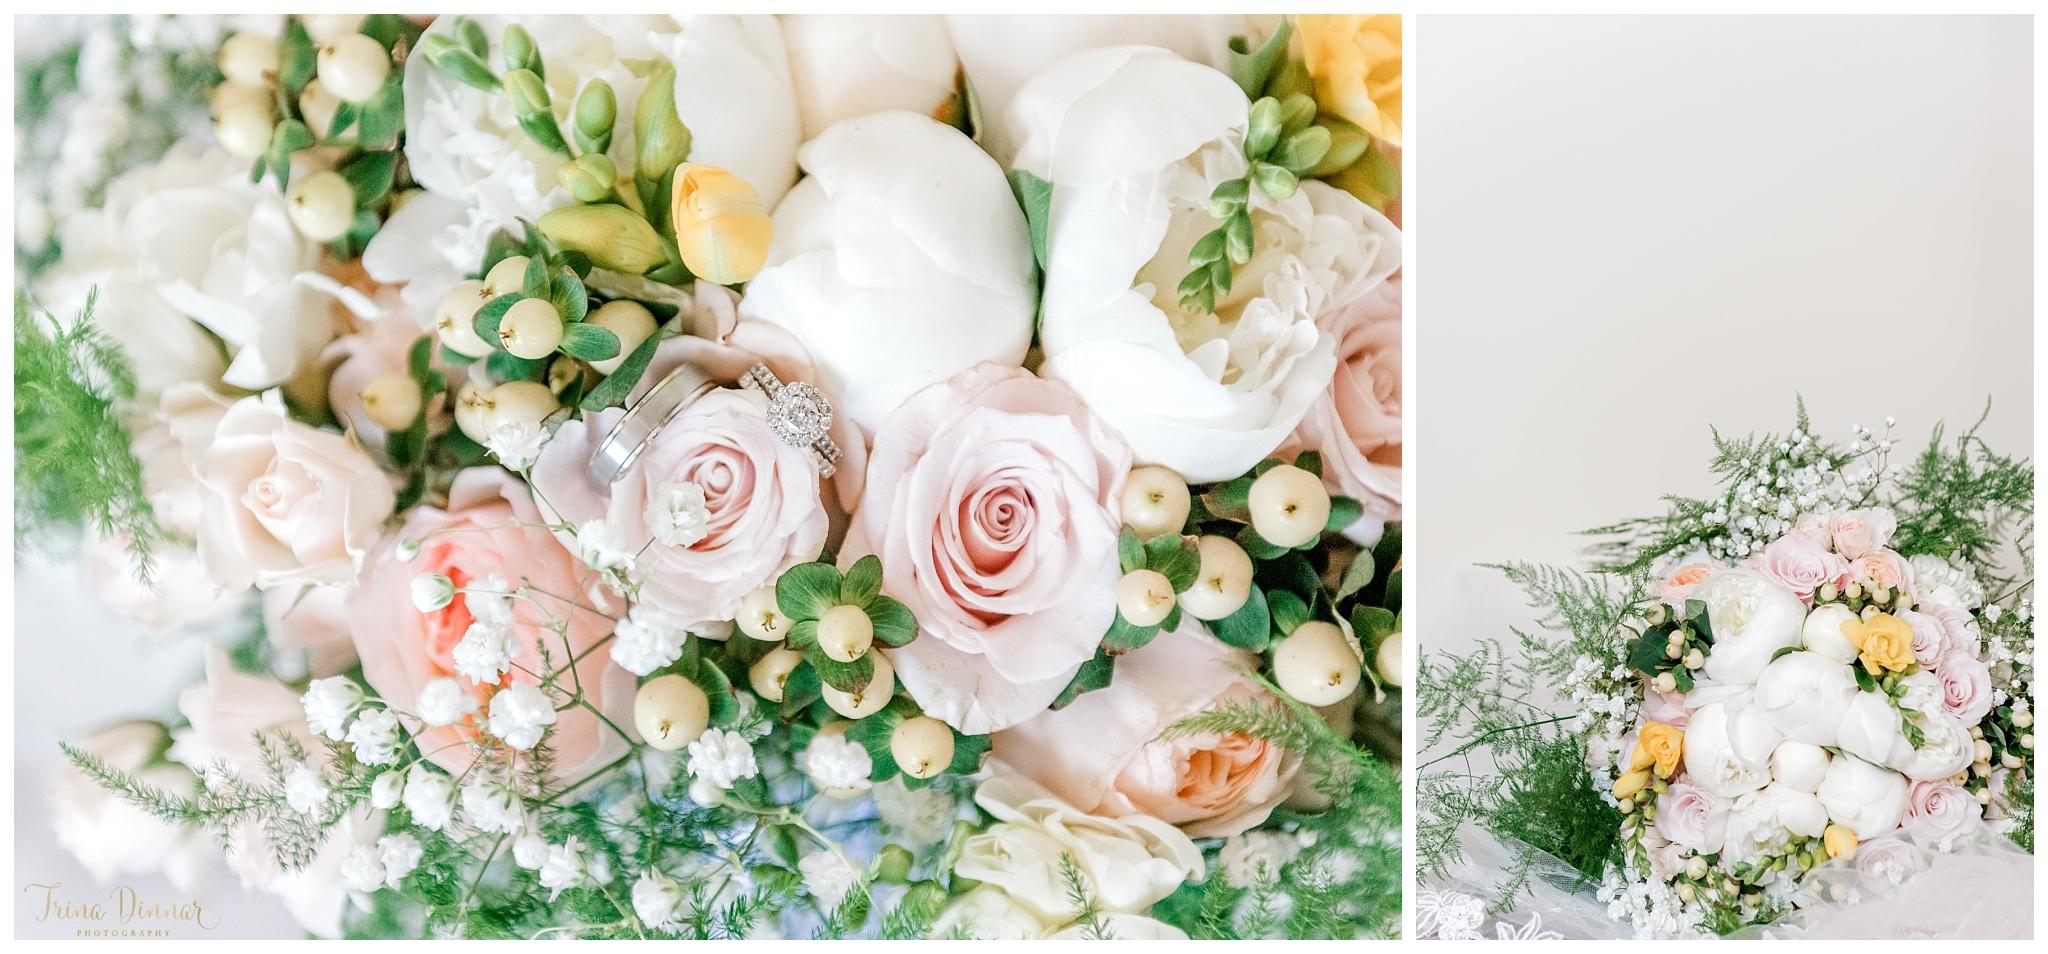 Greek American Maine Wedding Flowers and Rings